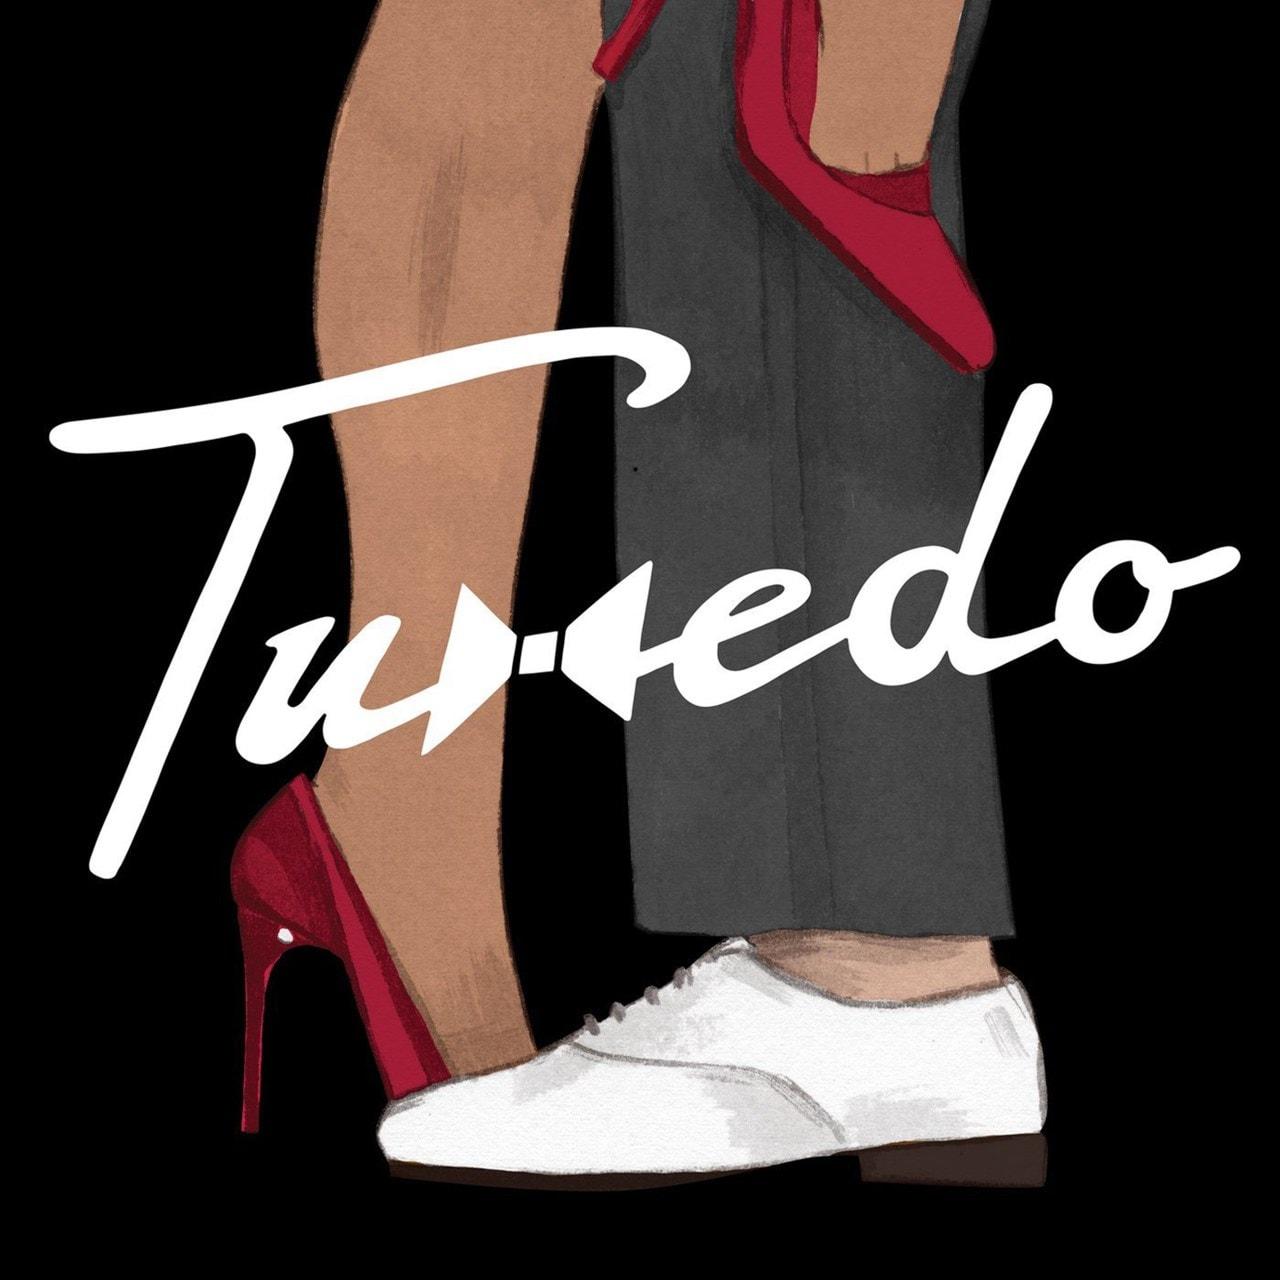 Tuxedo - 1